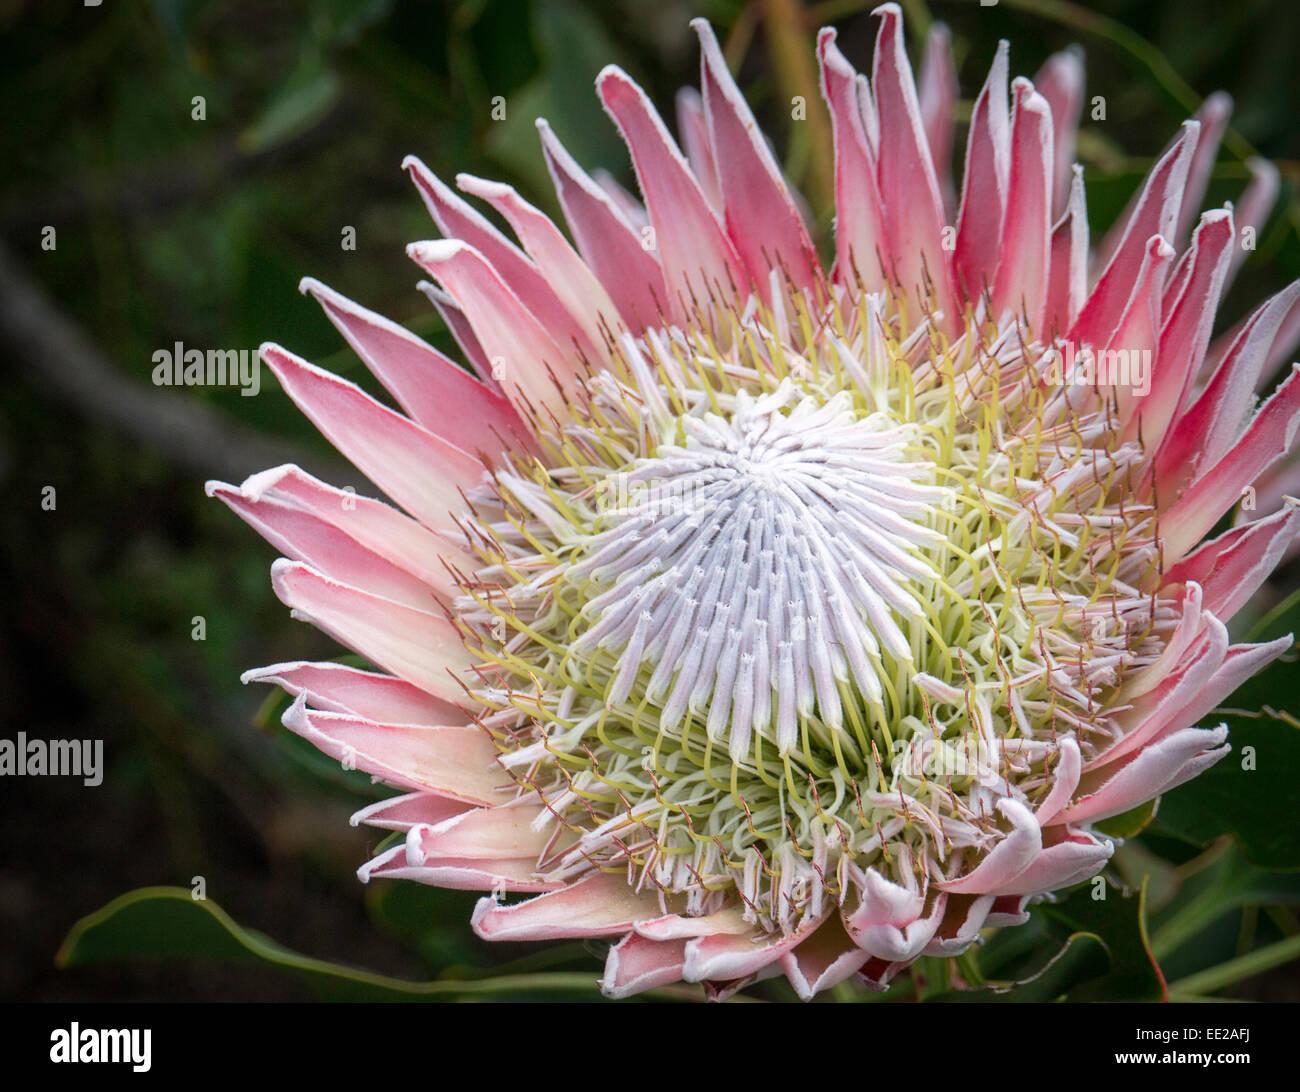 Protea Fleurs Dans Les Jardins Botaniques De Kirstenbosch Cape Town